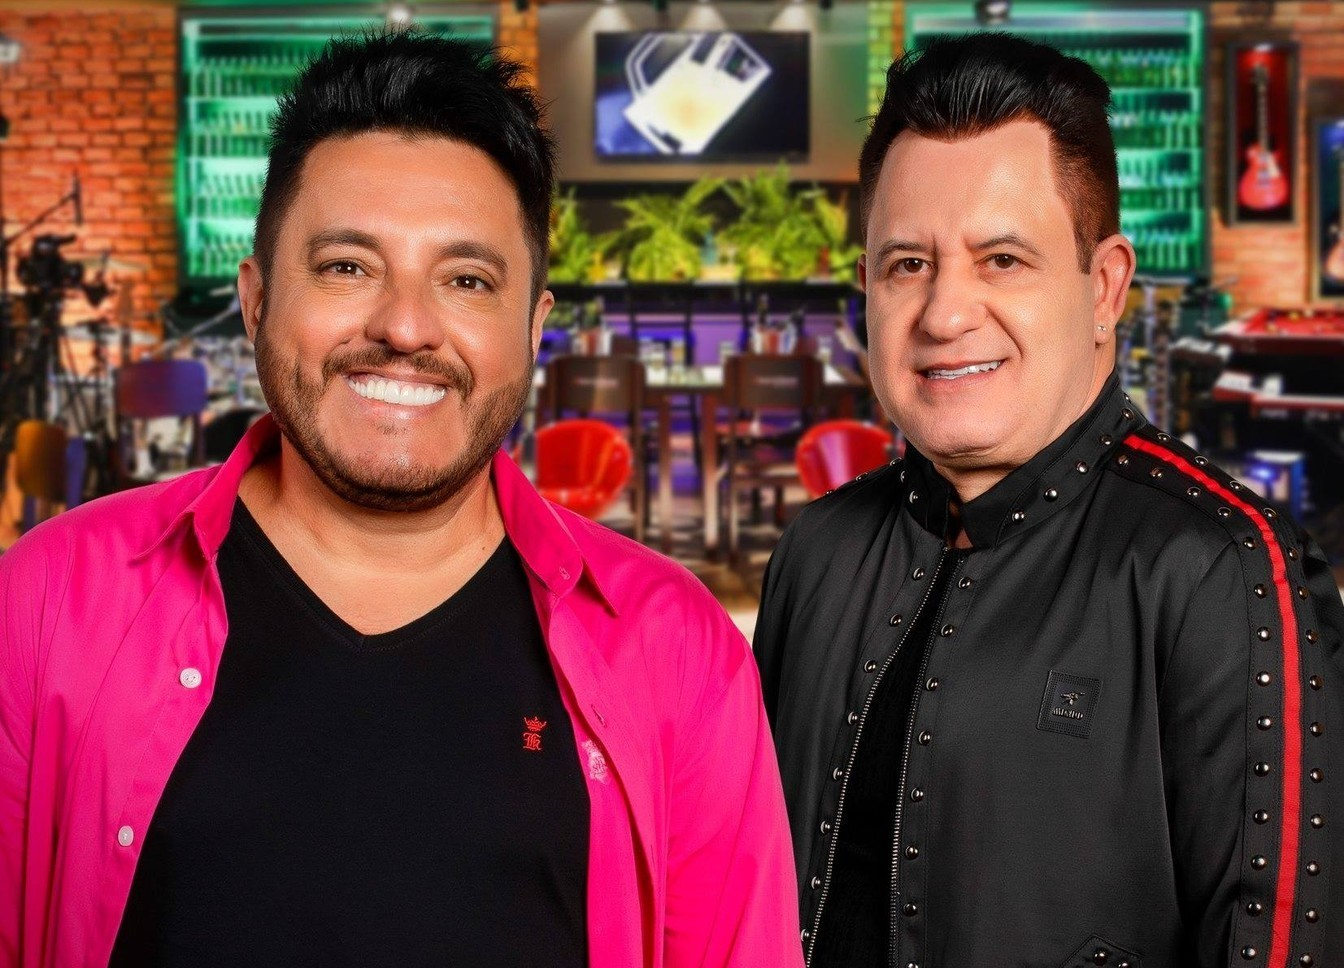 'Geração do sertanejo dos últimos 10 anos está cantando tudo igual', diz Bruno, parceiro de Marrone